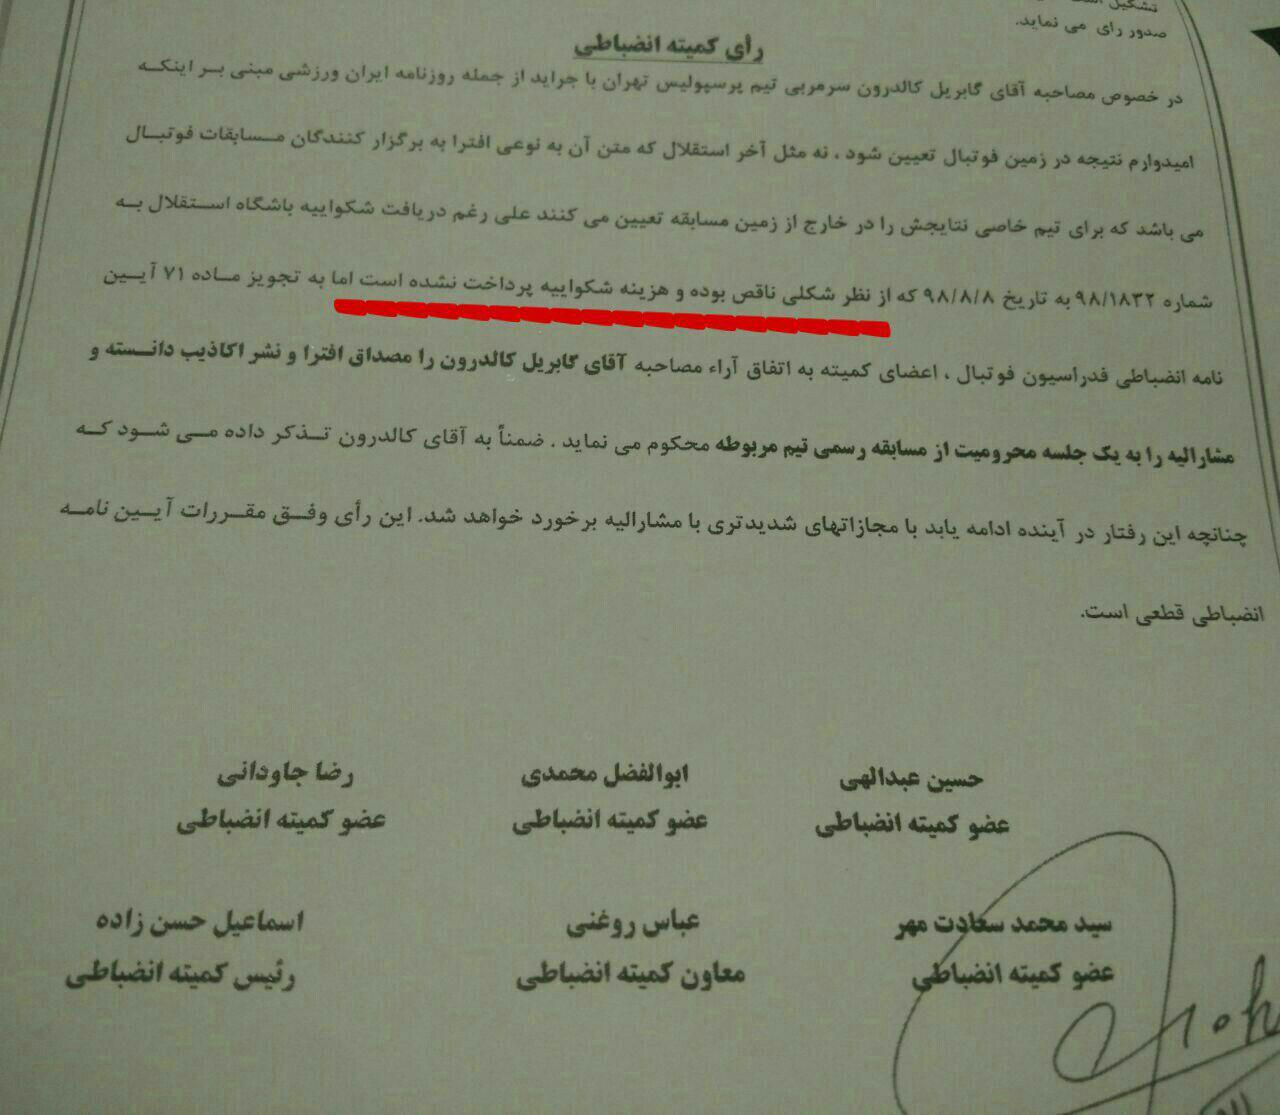 توضيحات مدير روابط عمومي پرسپوليس در خصوص مصاحبه انصاري فرد + سند